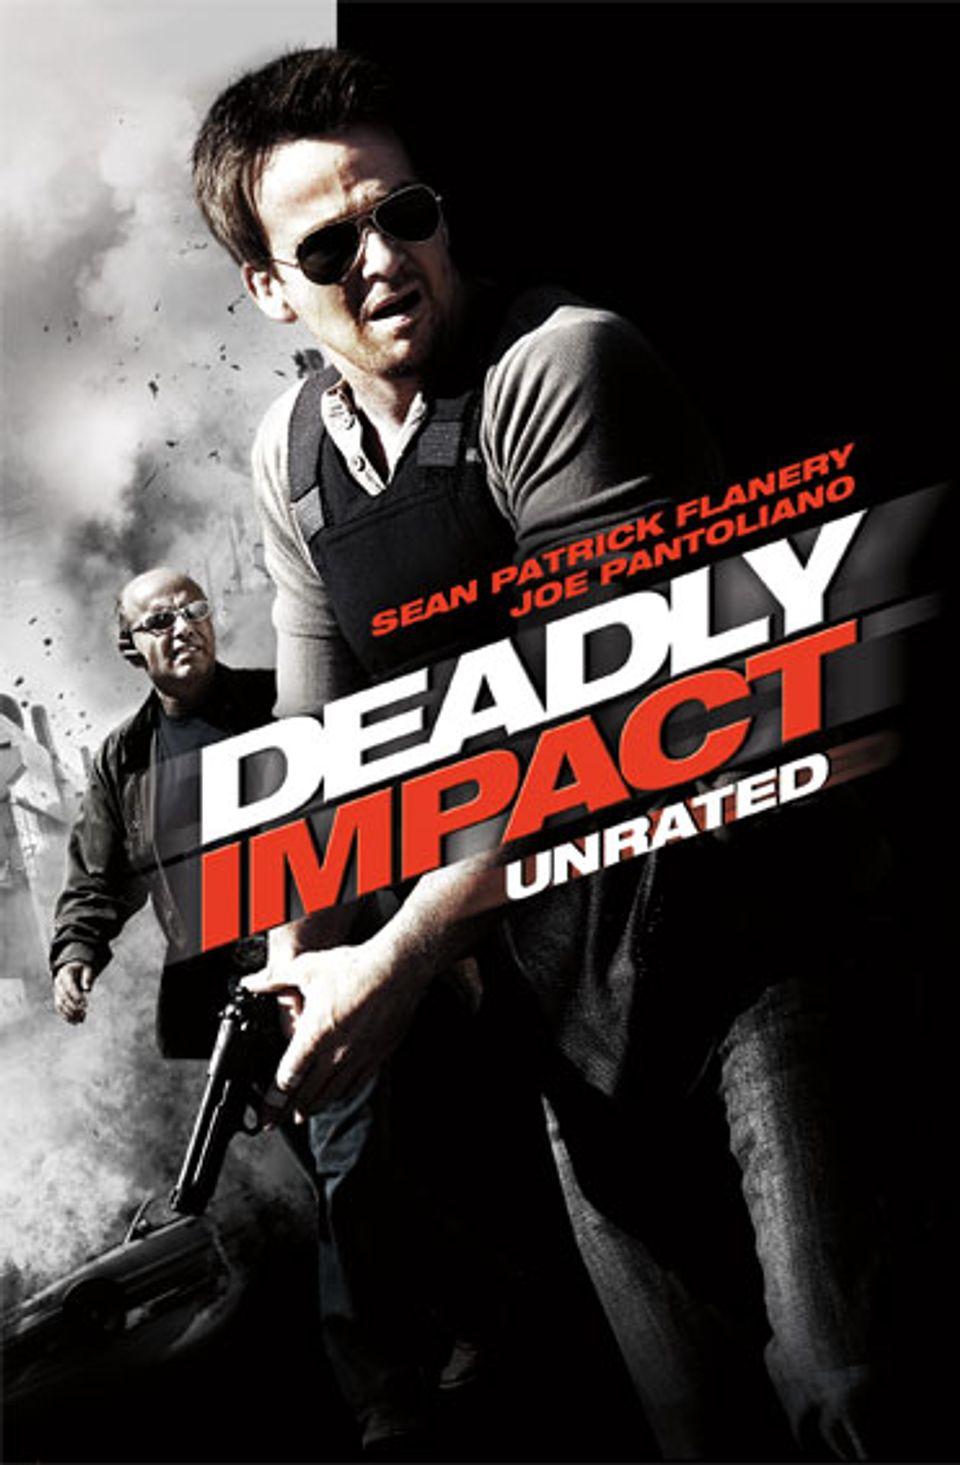 """ภ.ฝรั่ง """"สยบแผนวินาศกรรมชนนรก"""" (DEADLY IMPACT)"""